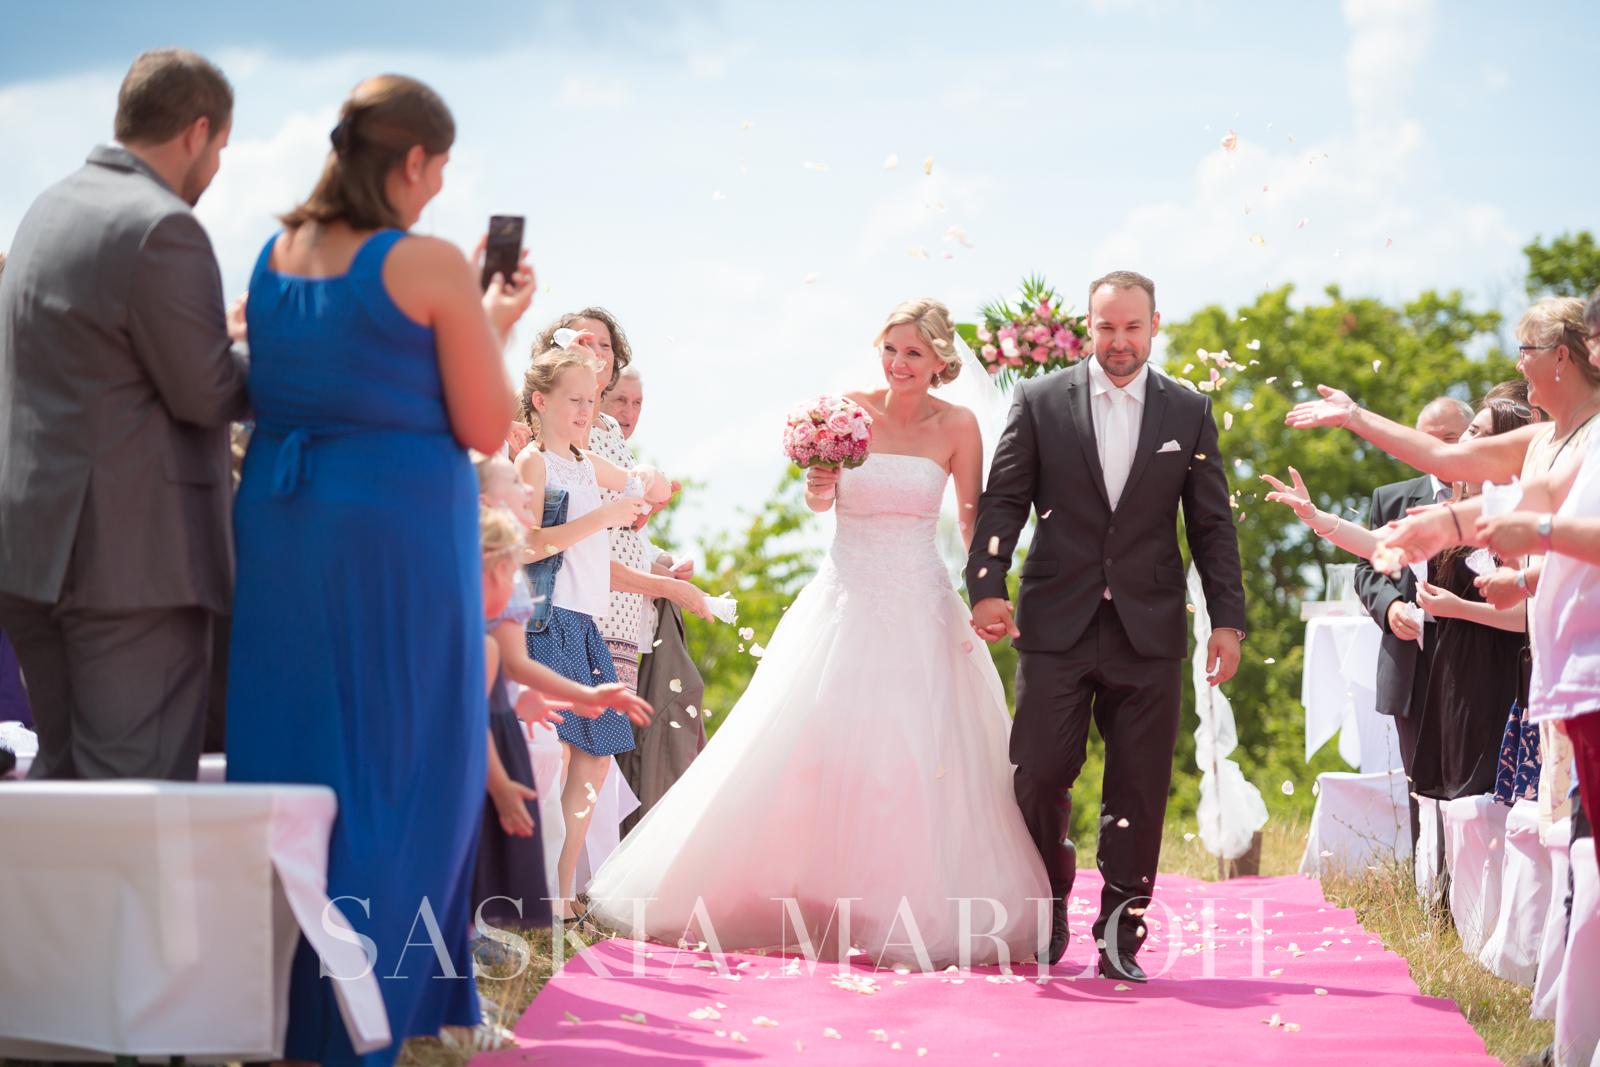 WEINGUT-GEORG-MÜLLER-CLUB-PRESTIGE-DE-LUXE-HOCHZEIT-WEDDING-PHOTO-FOTO-SASKIA-MARLOH-edit-617